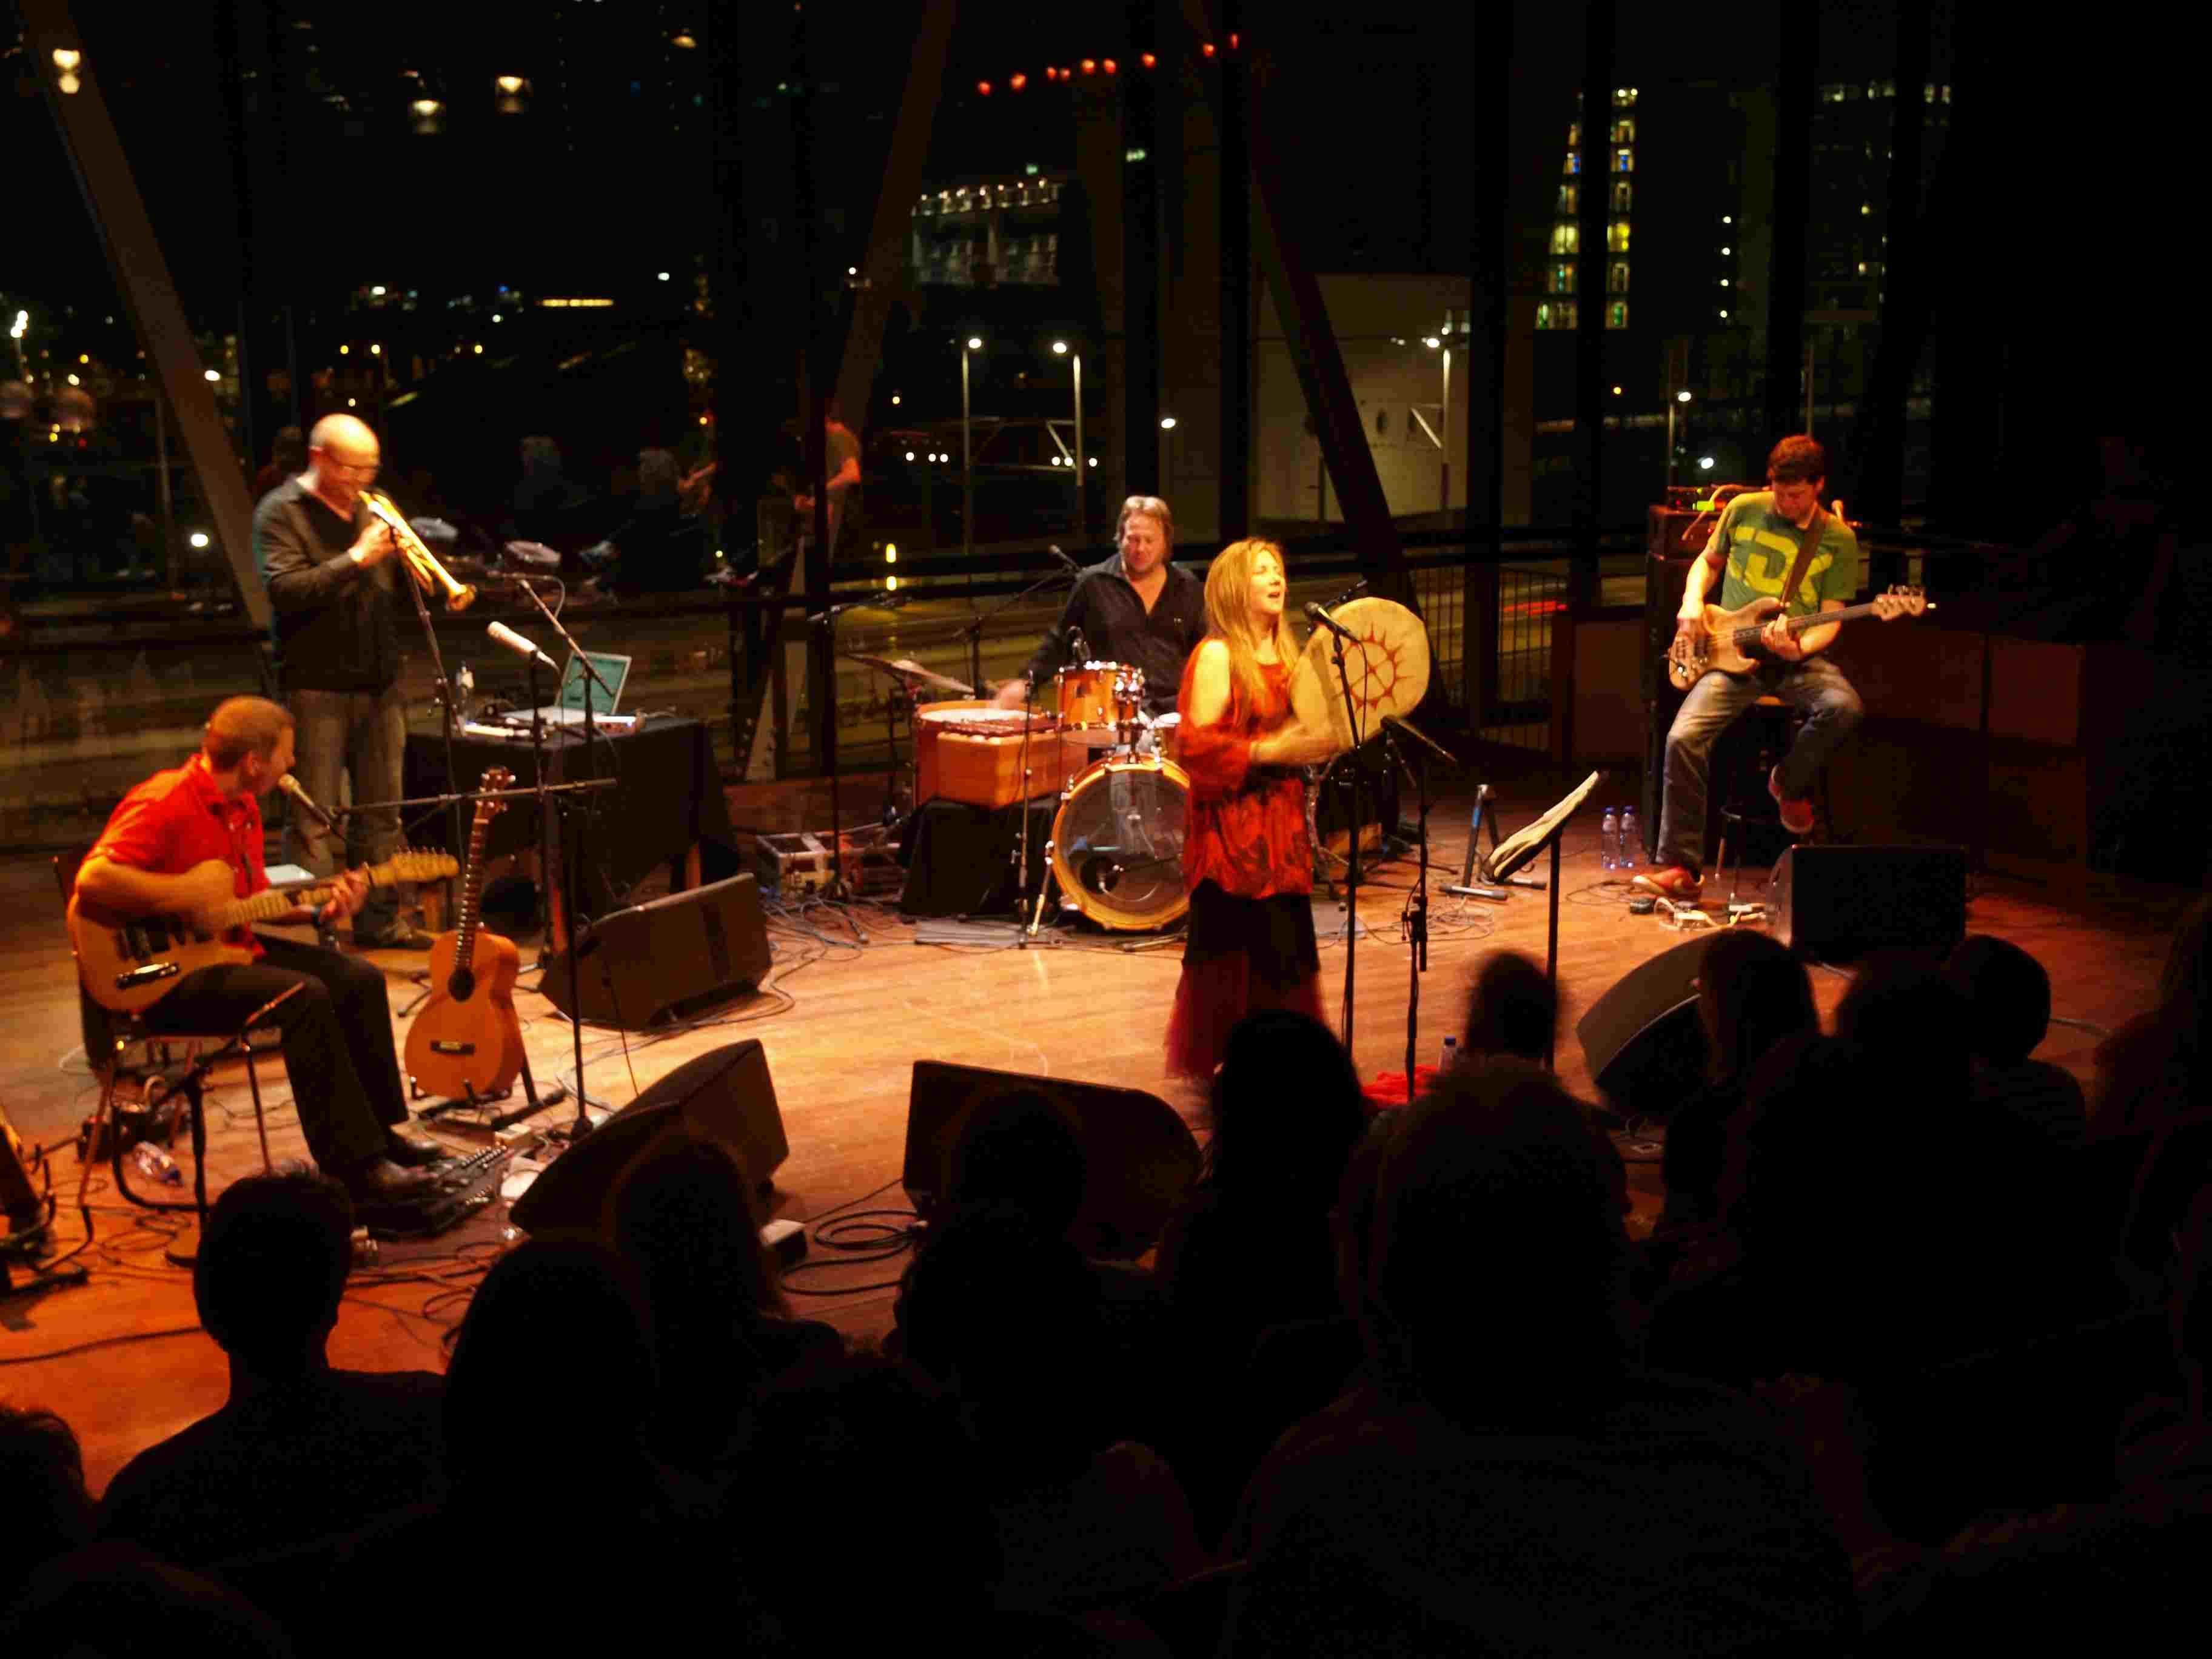 A group performs at Bimhuis